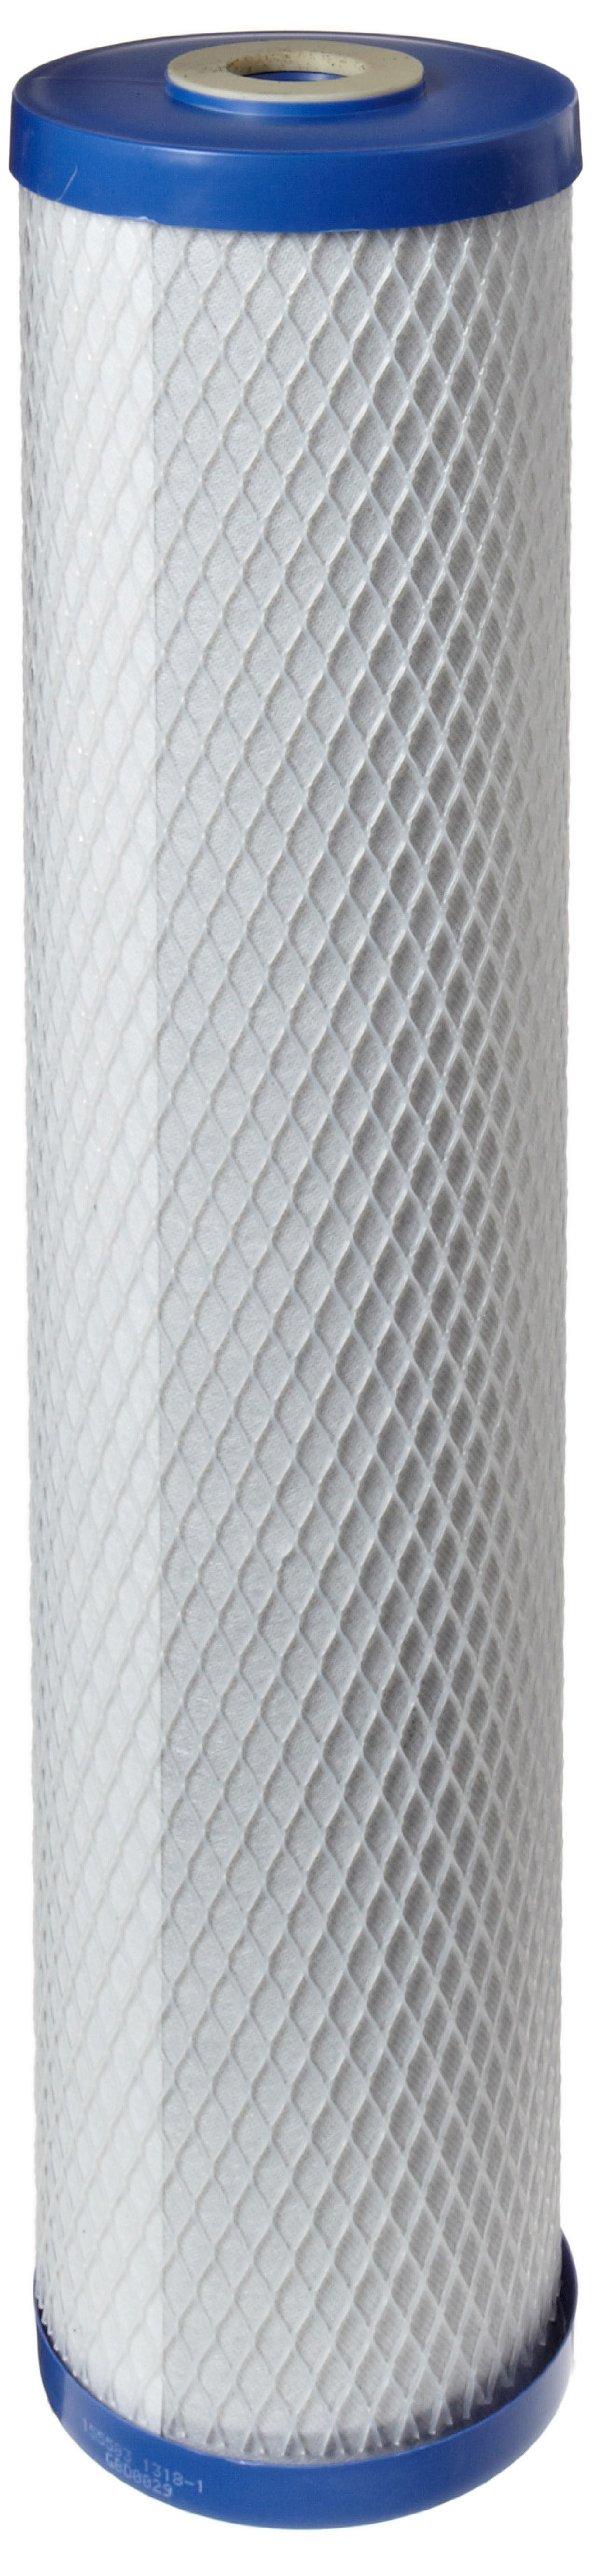 Pentek EP-20BB Carbon Block Filter Cartridge, 20'' x 4-5/8'', 5 Microns